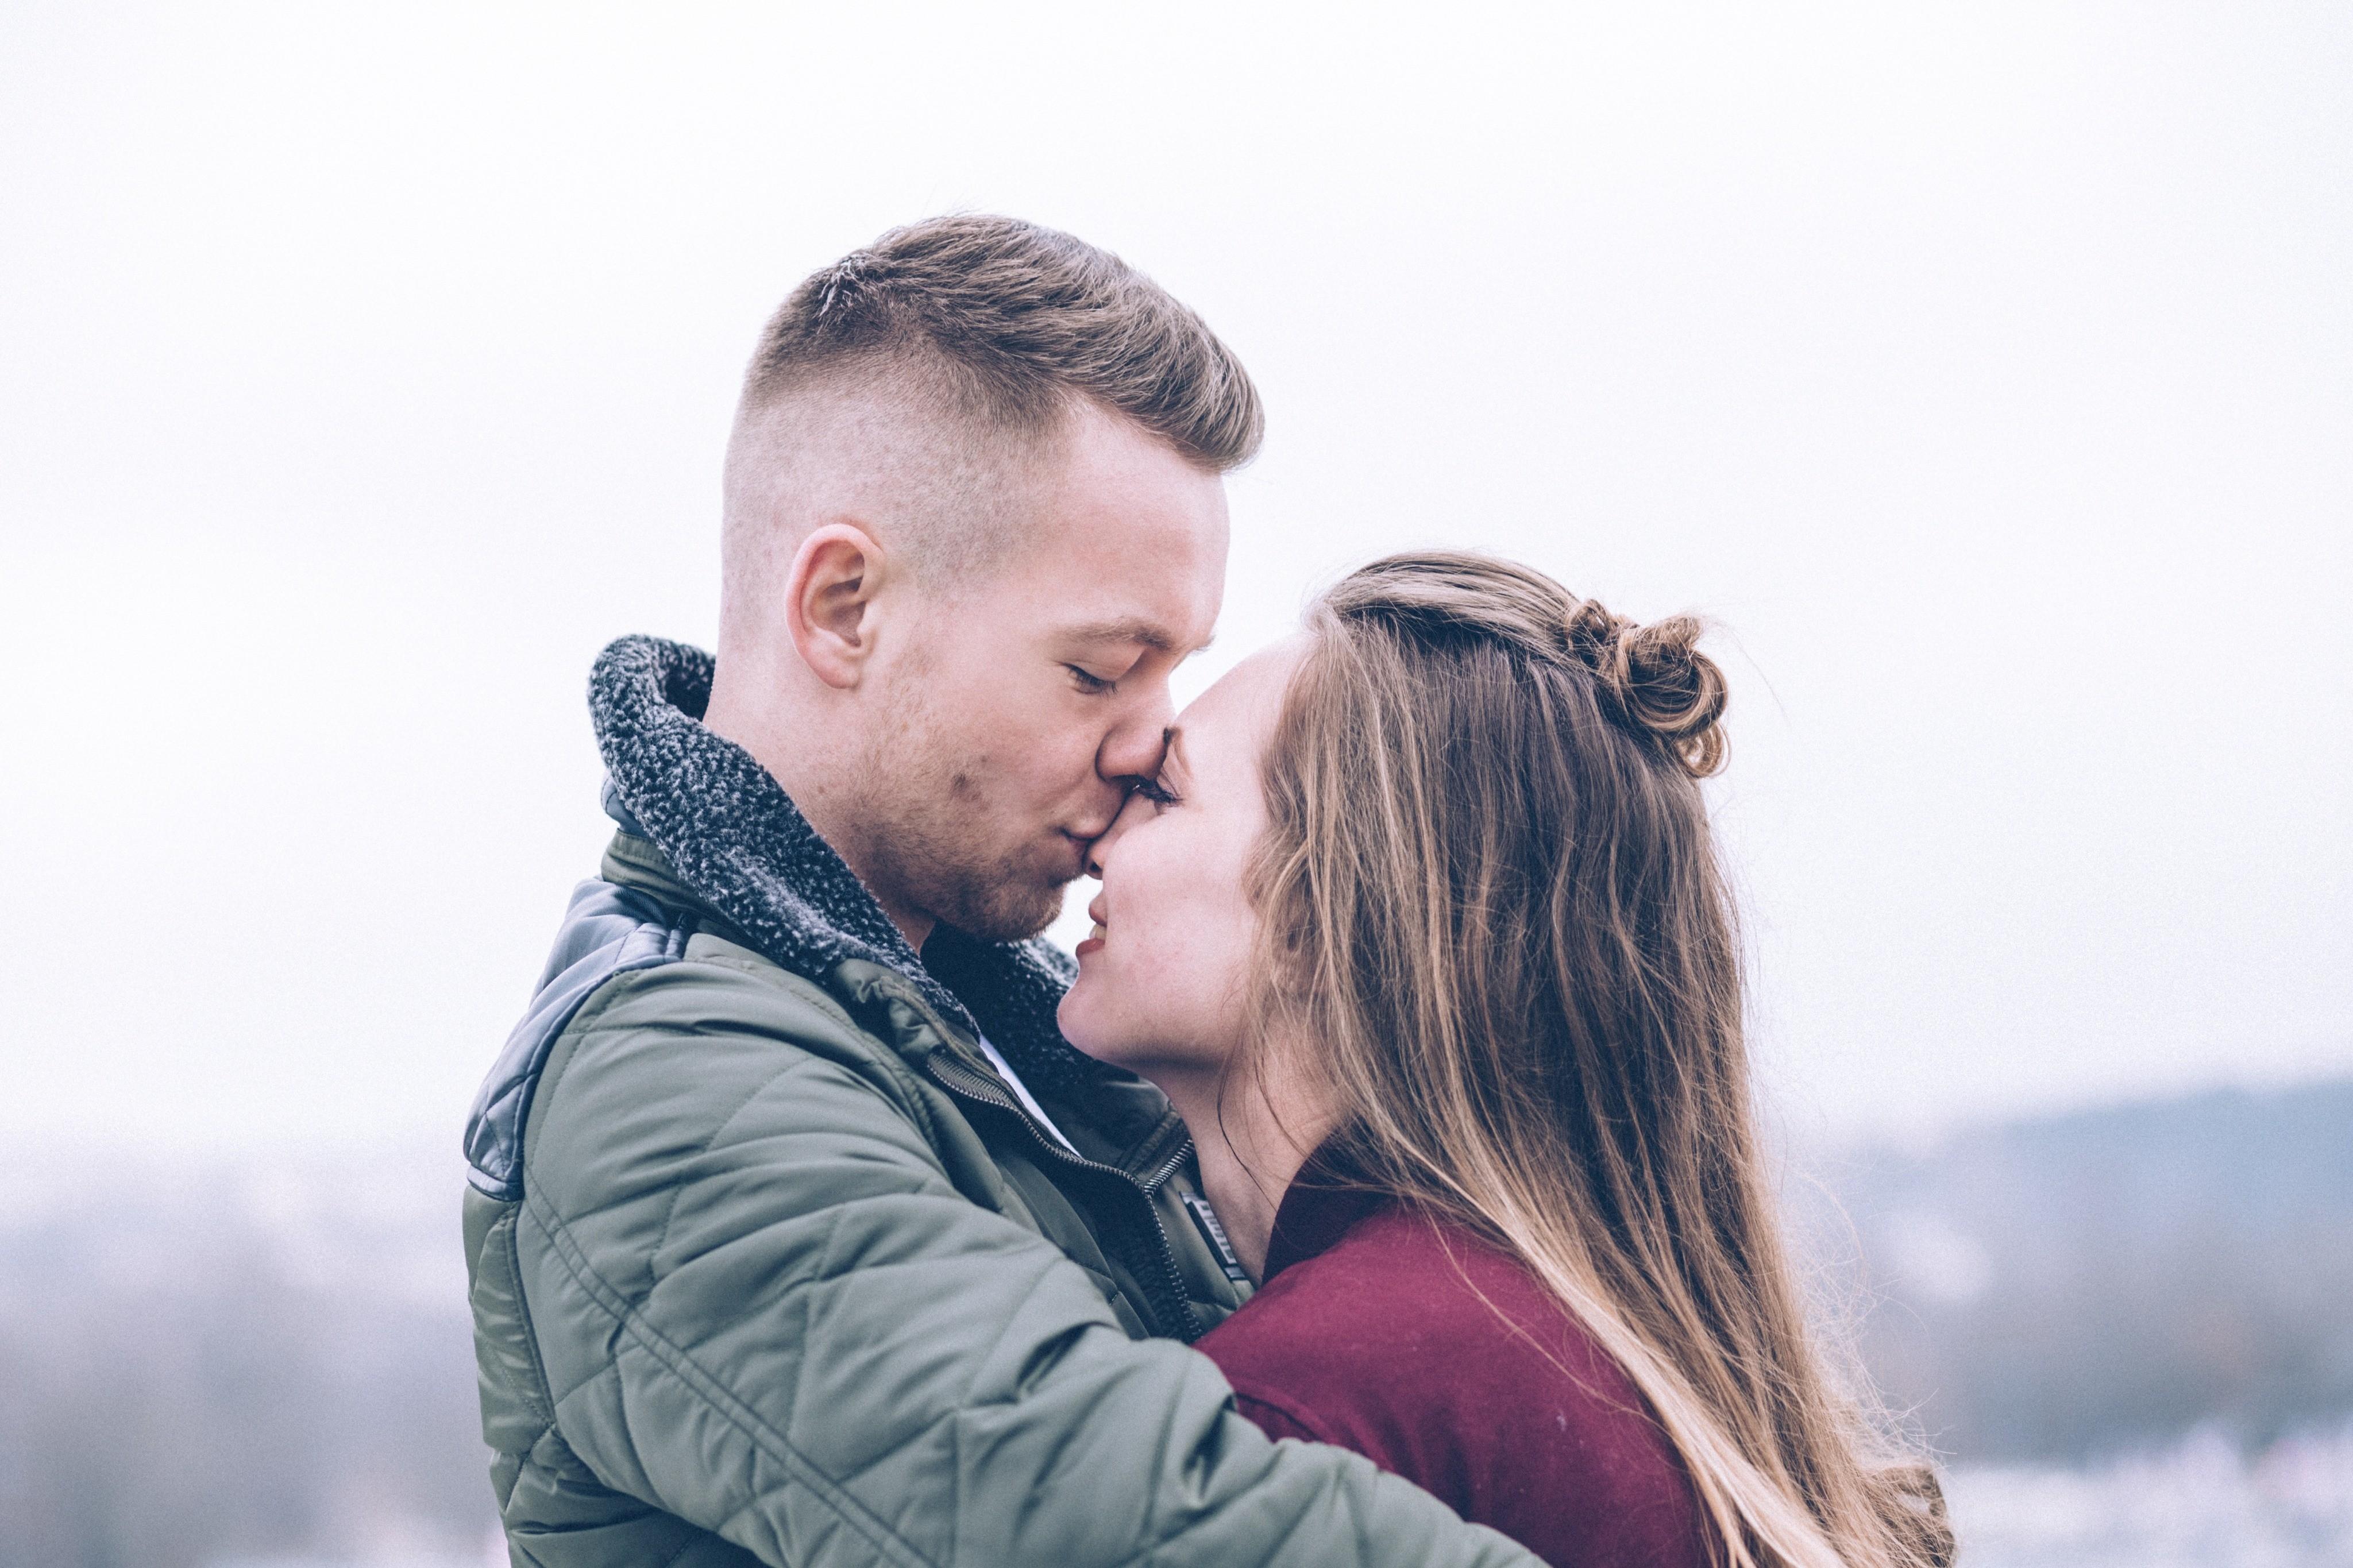 4 коварных бактерии, передающихся через поцелуй